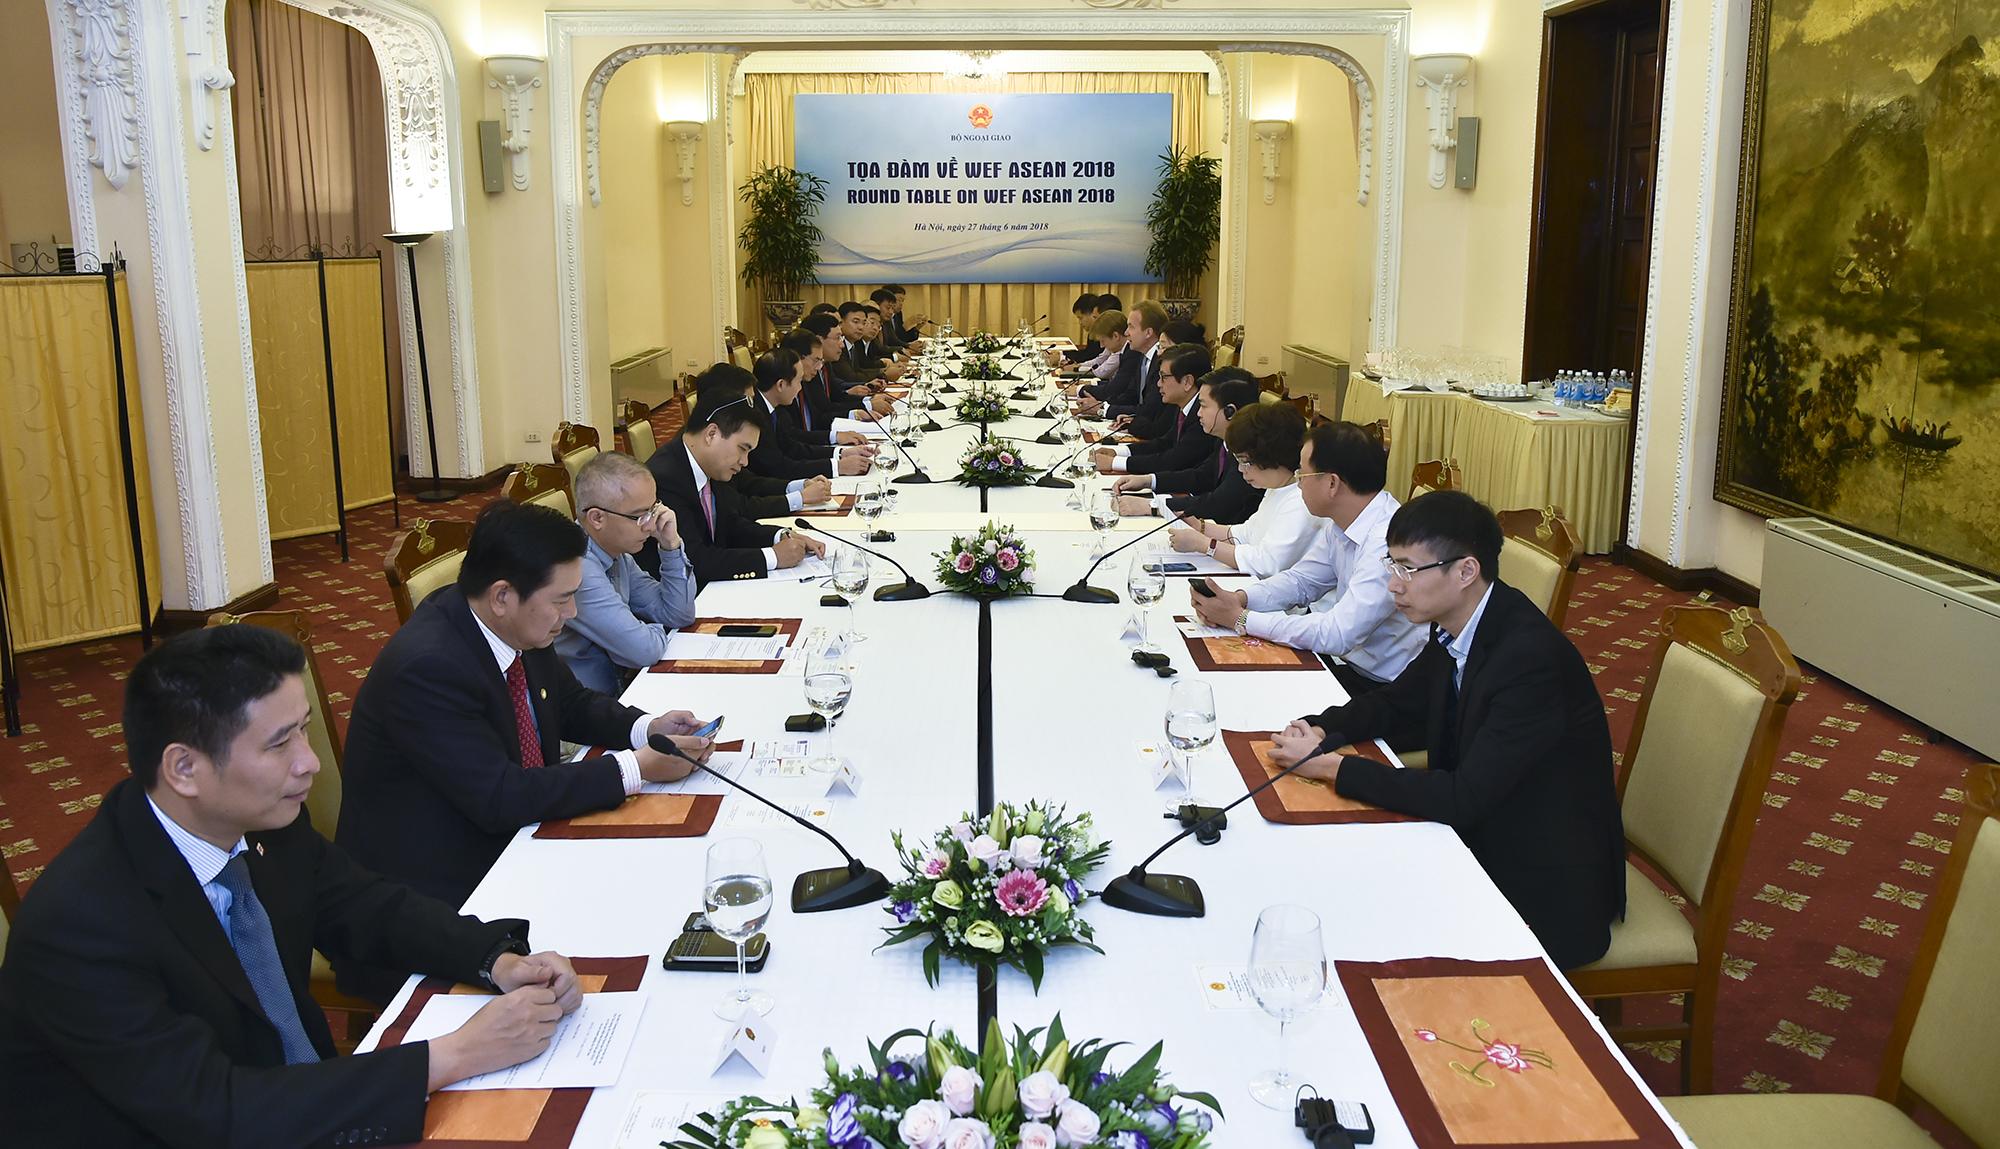 Chủ tịch WEF đánh giá cao tiềm năng phát triển của Việt Nam